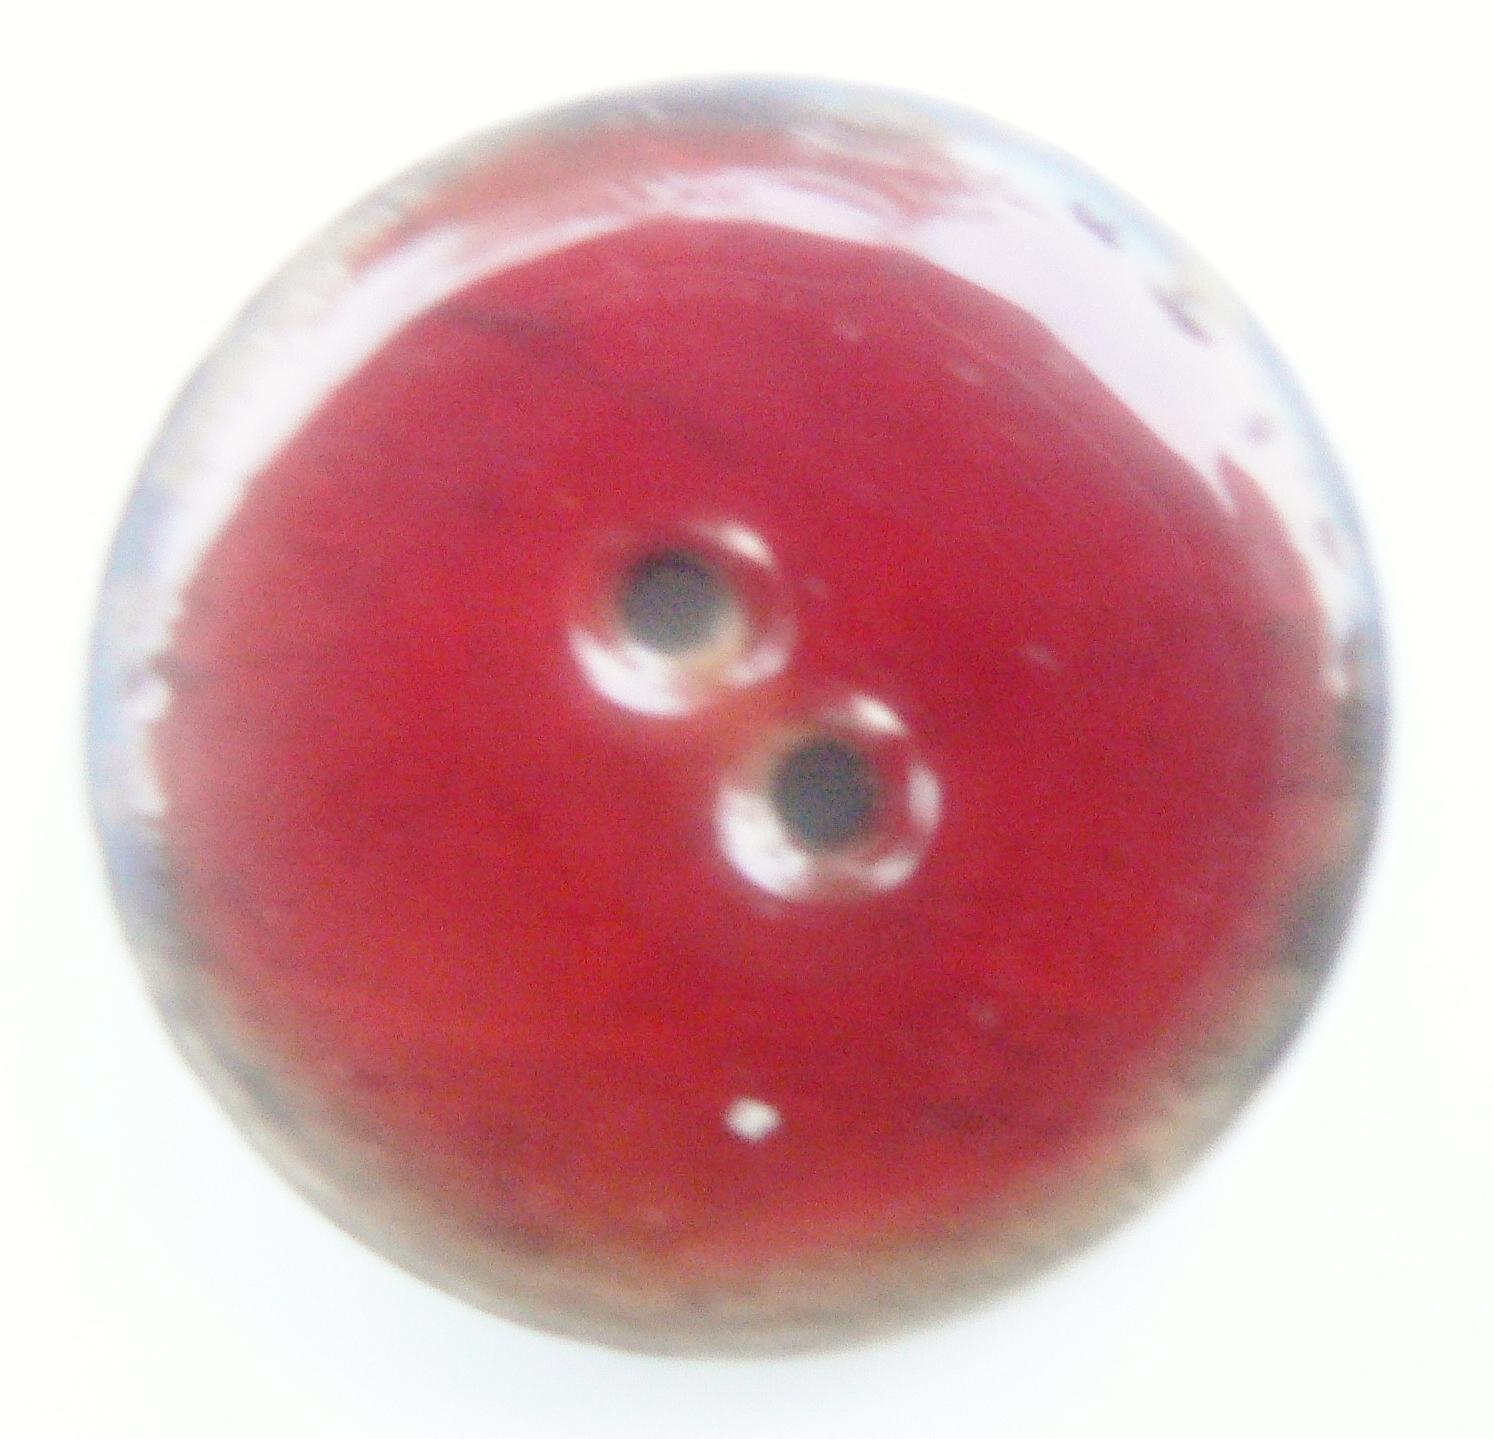 Bouton laqué en noix de coco rouge de 30 mm de diamètre